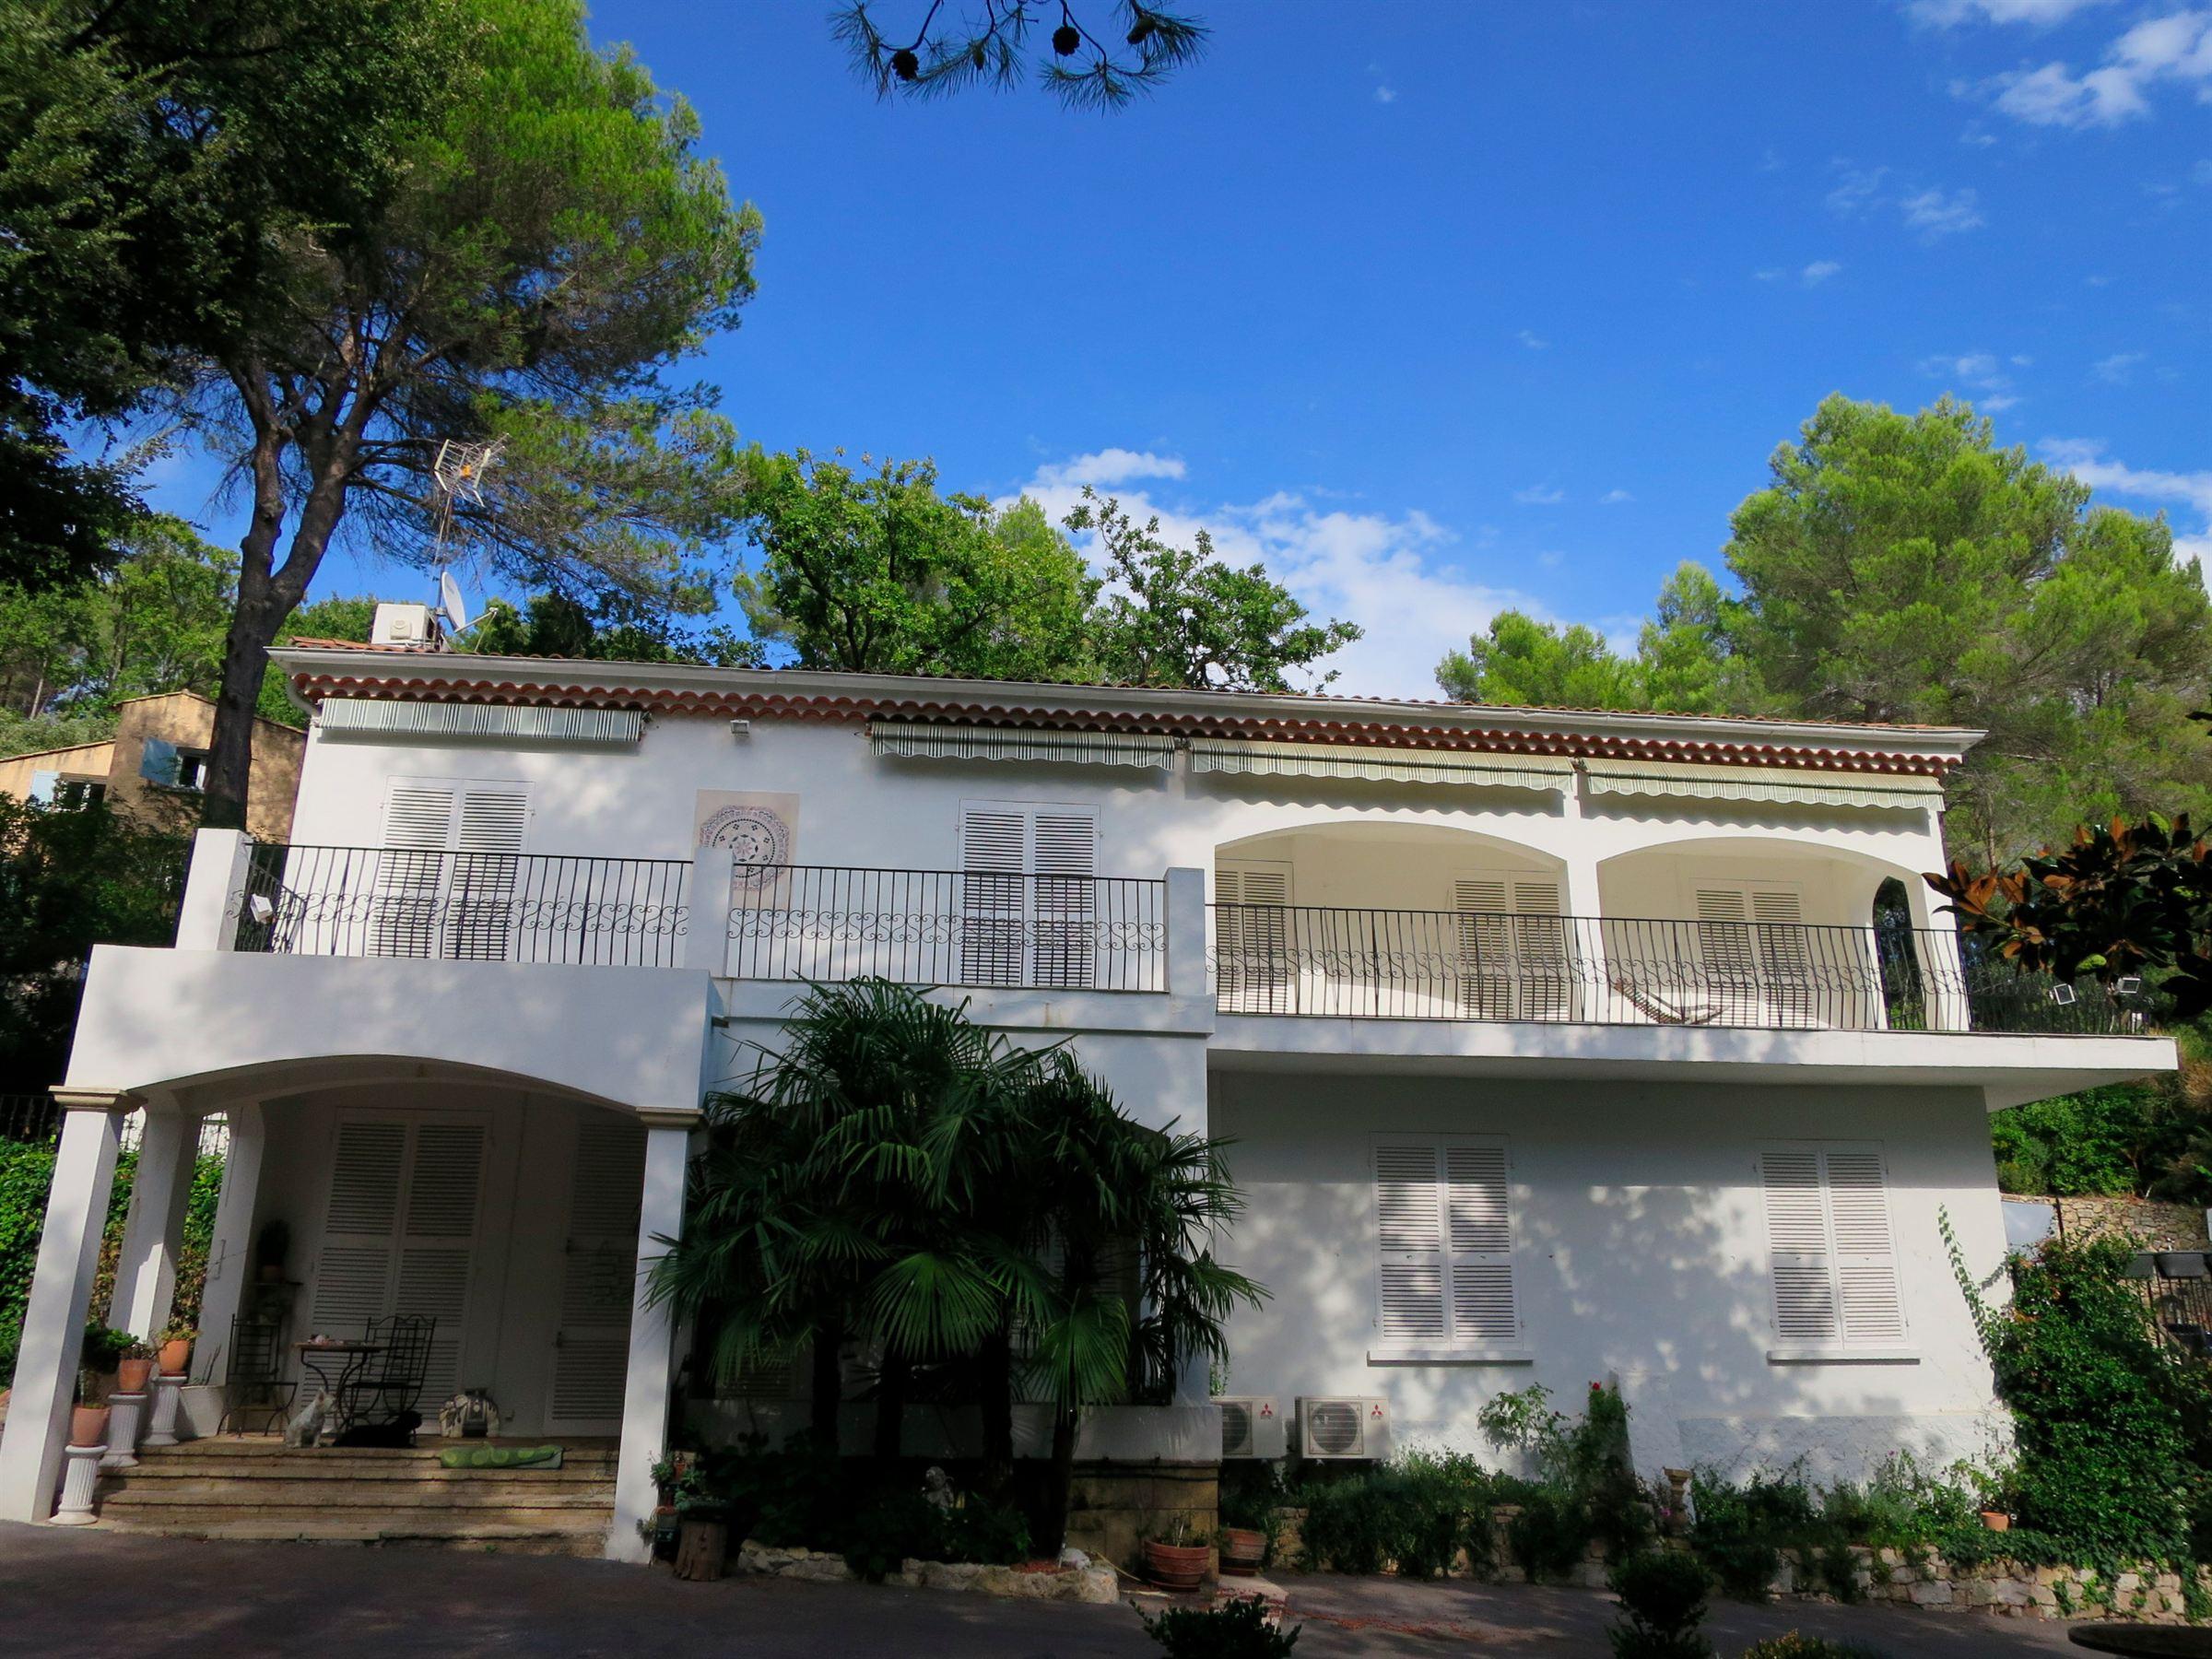 단독 가정 주택 용 매매 에 Villa Californienne dans secteur prisé d'Aix en Provence Other Provence-Alpes-Cote D'Azur, 프로벤스 앞ㄹ프스 코테 D'Azur, 13100 프랑스